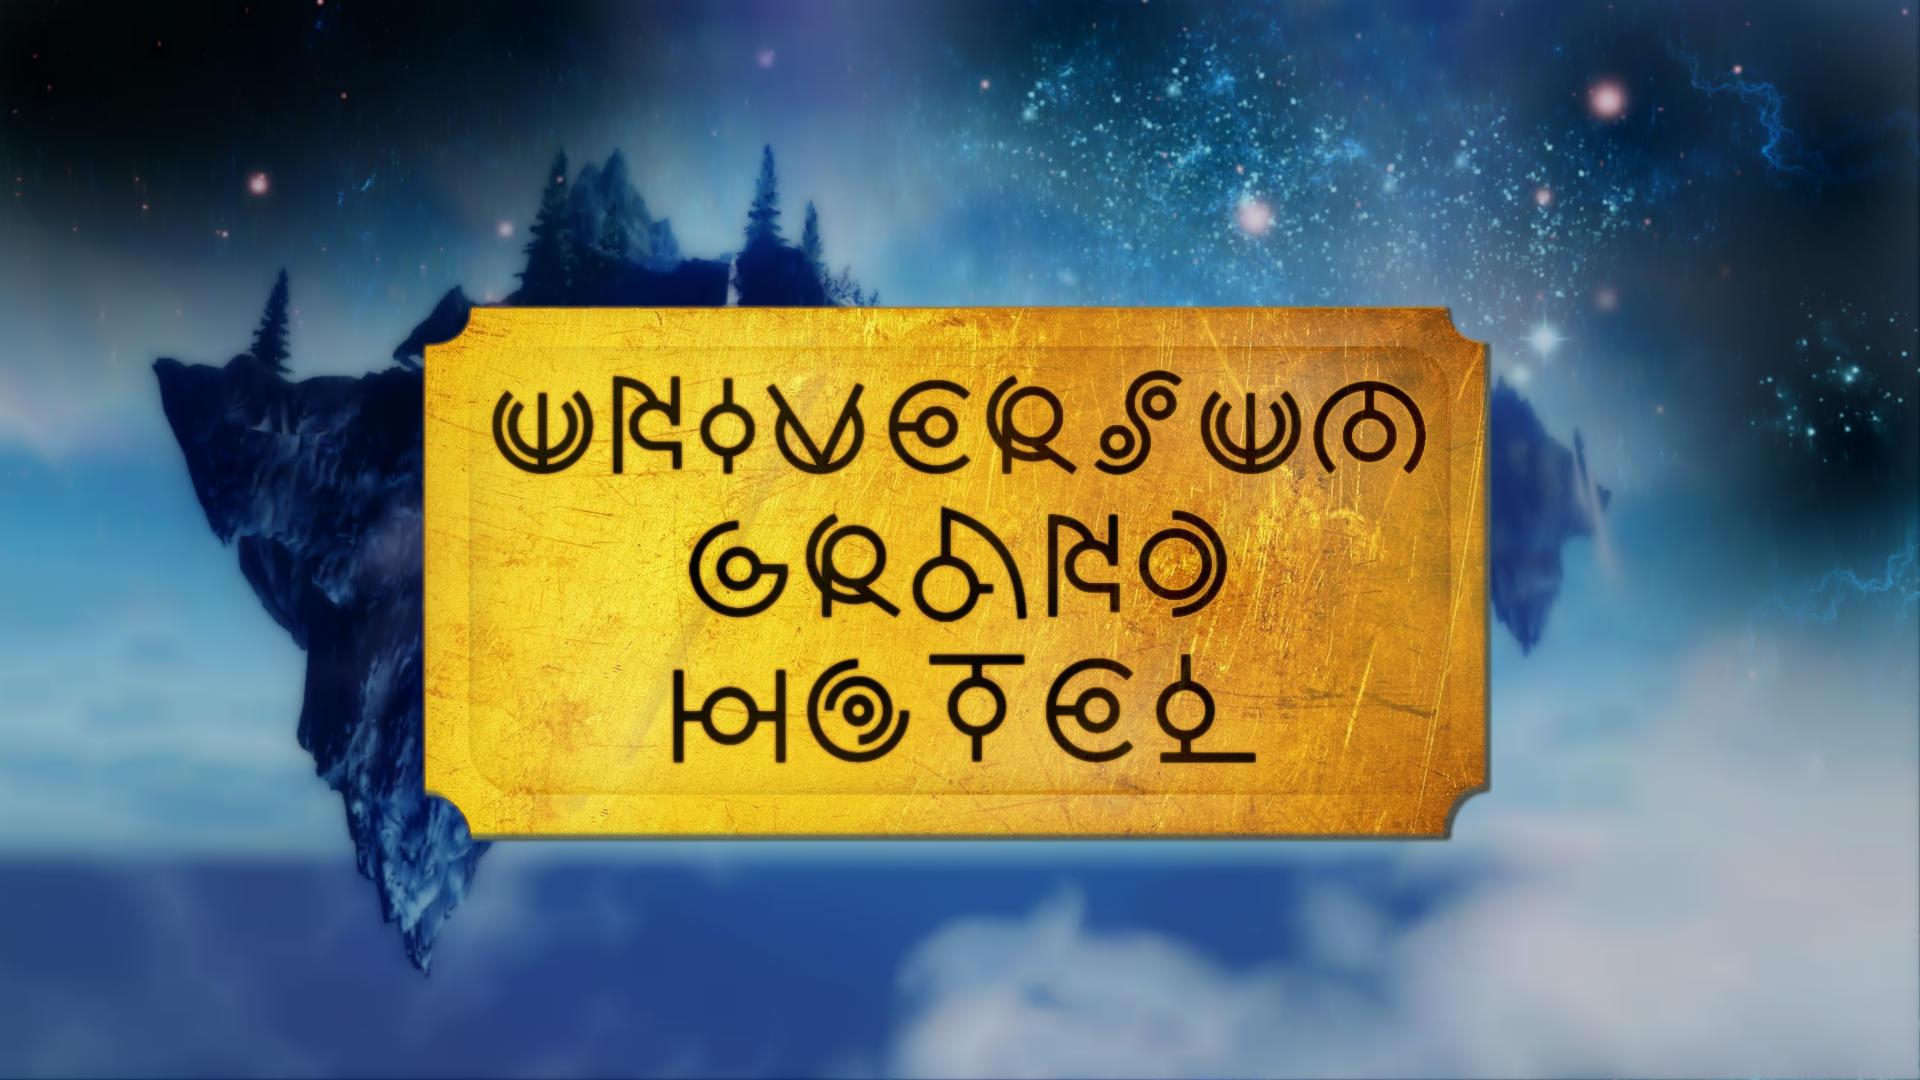 вселенский гранд отель. древняя табличка. астральное путешествие